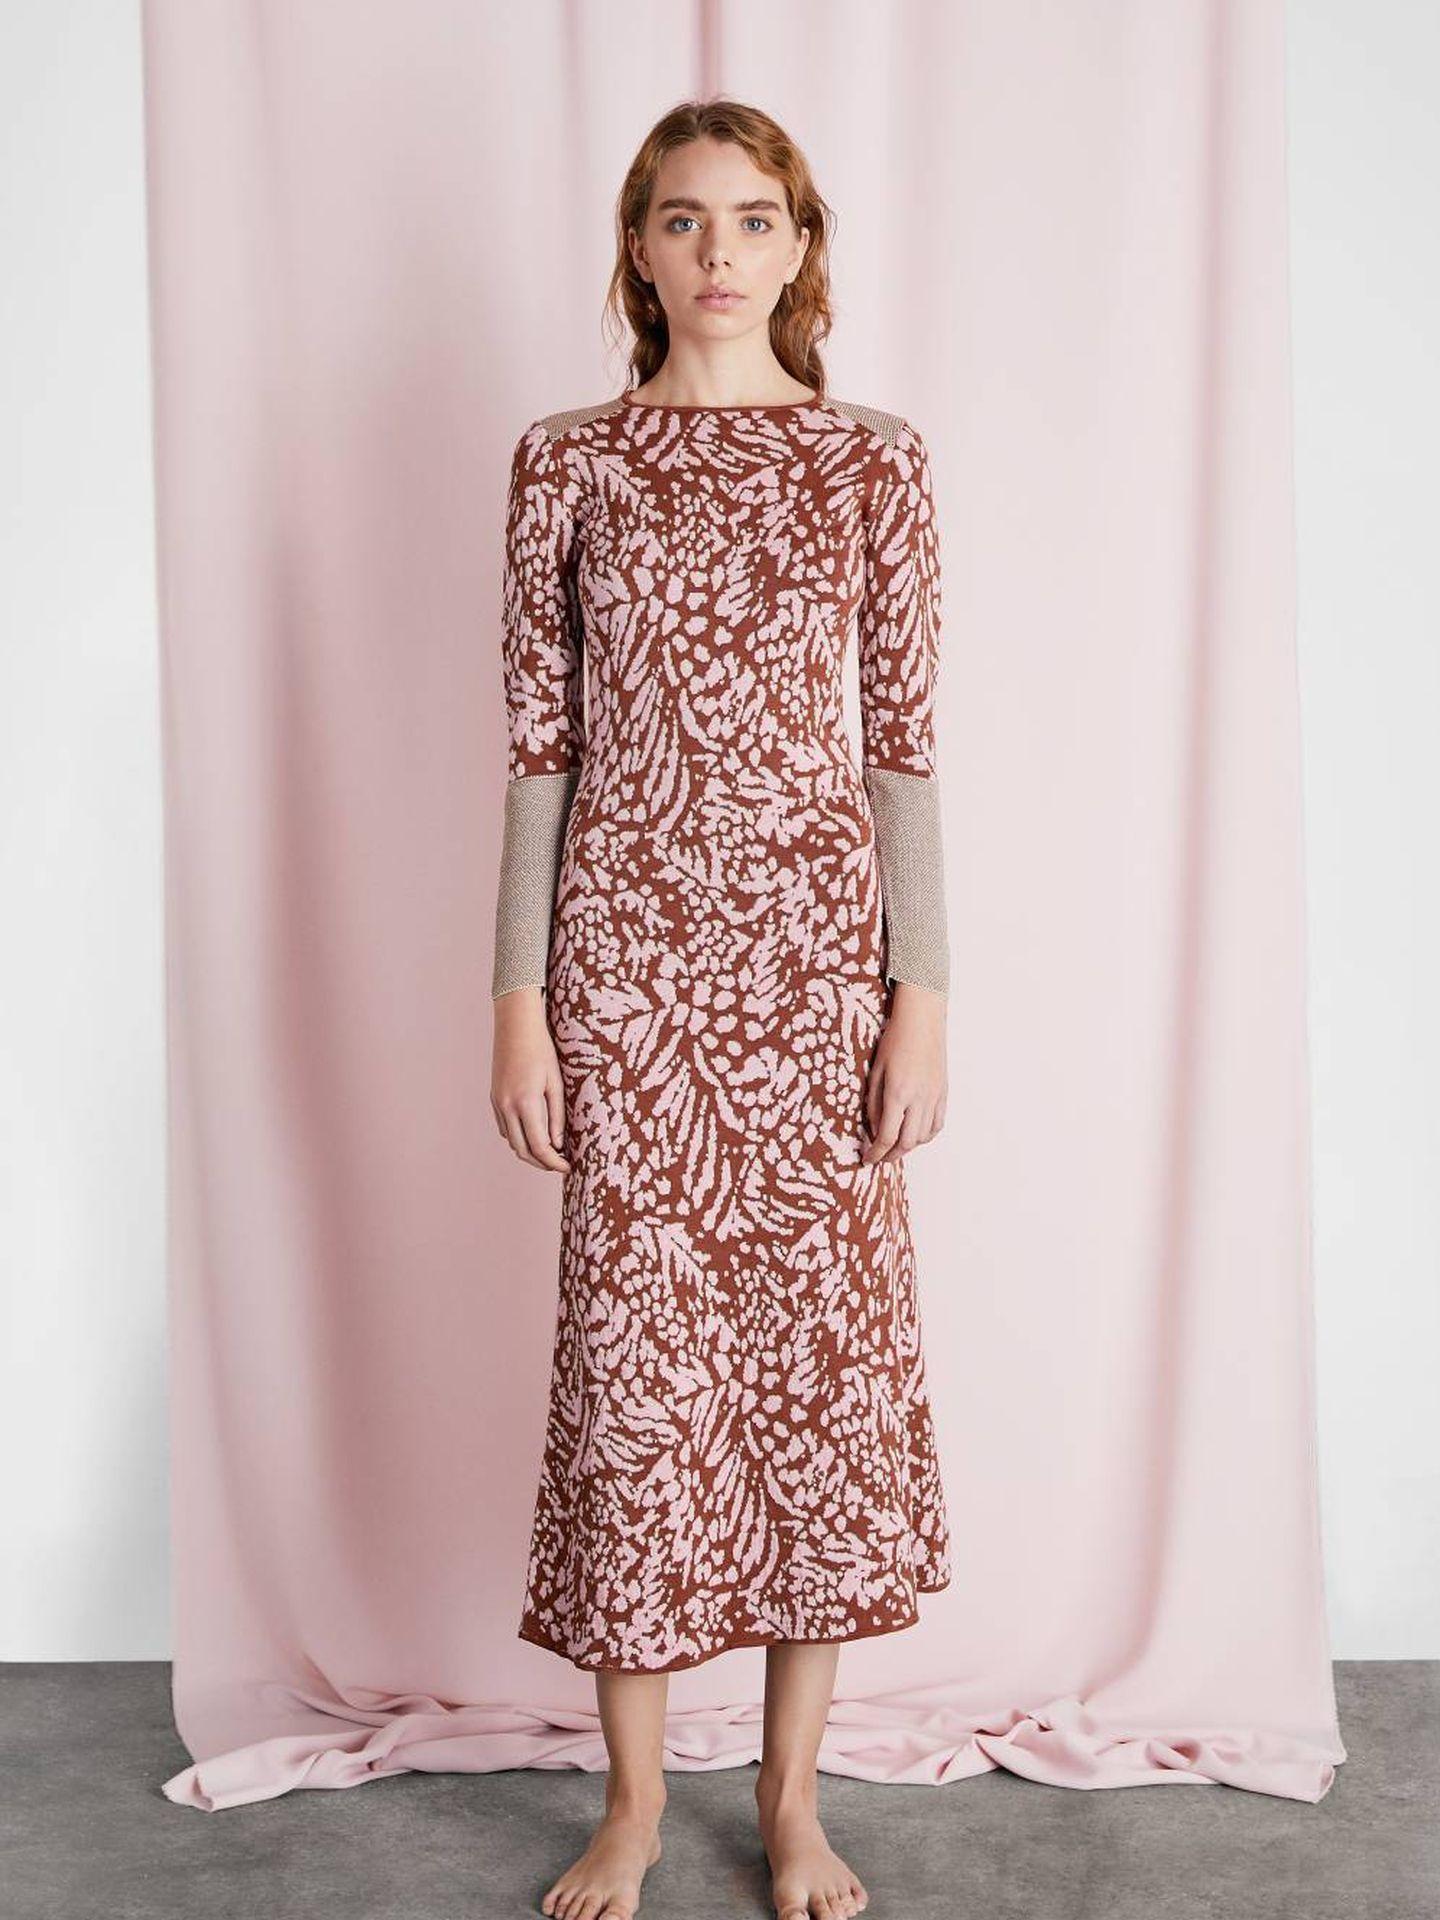 El vestido de Eugenia. (Cortesía)